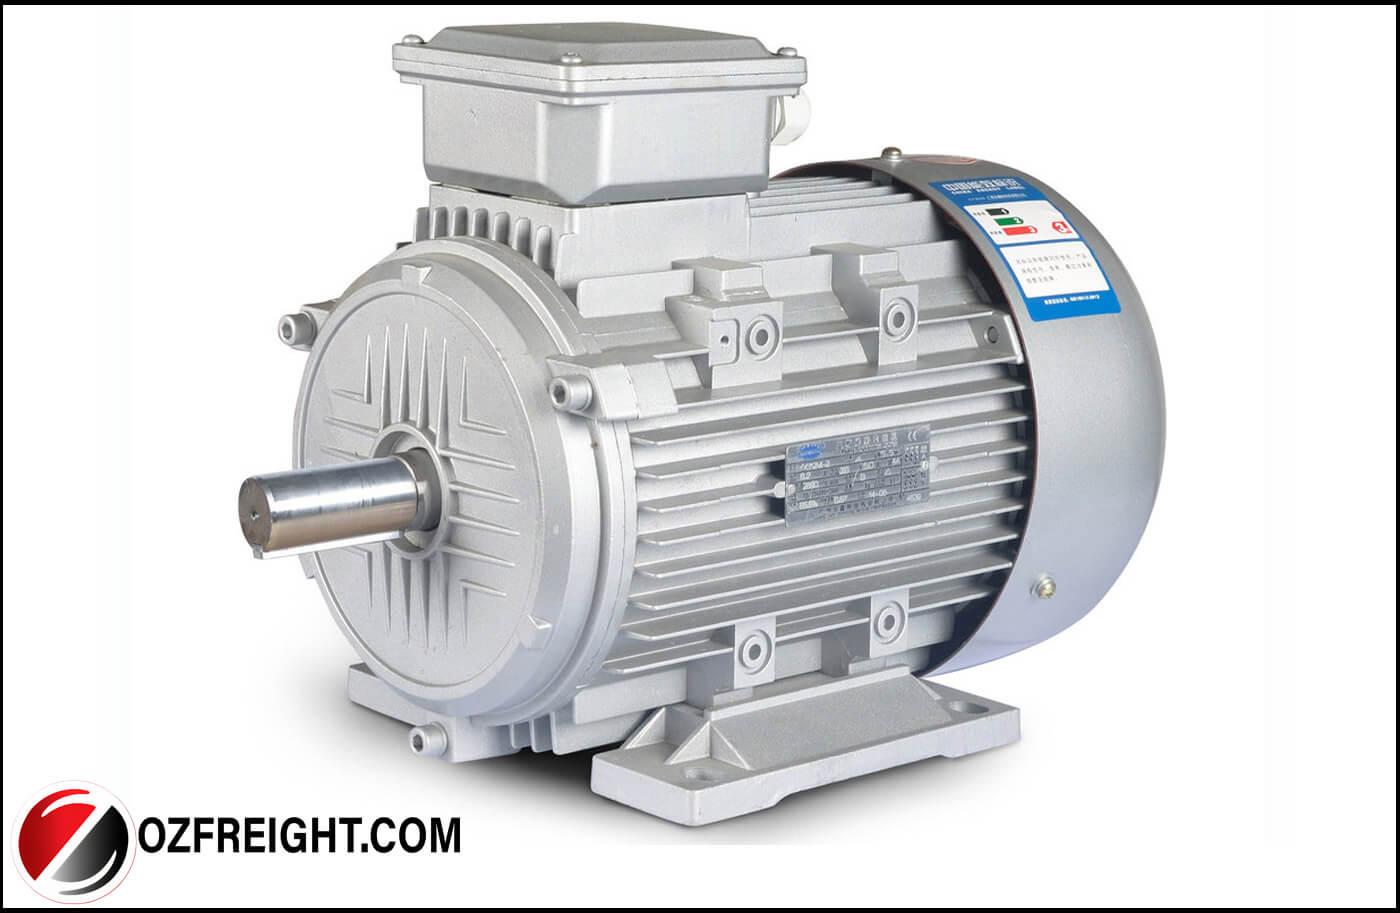 Hướng dẫn dán nhãn năng lượng motor